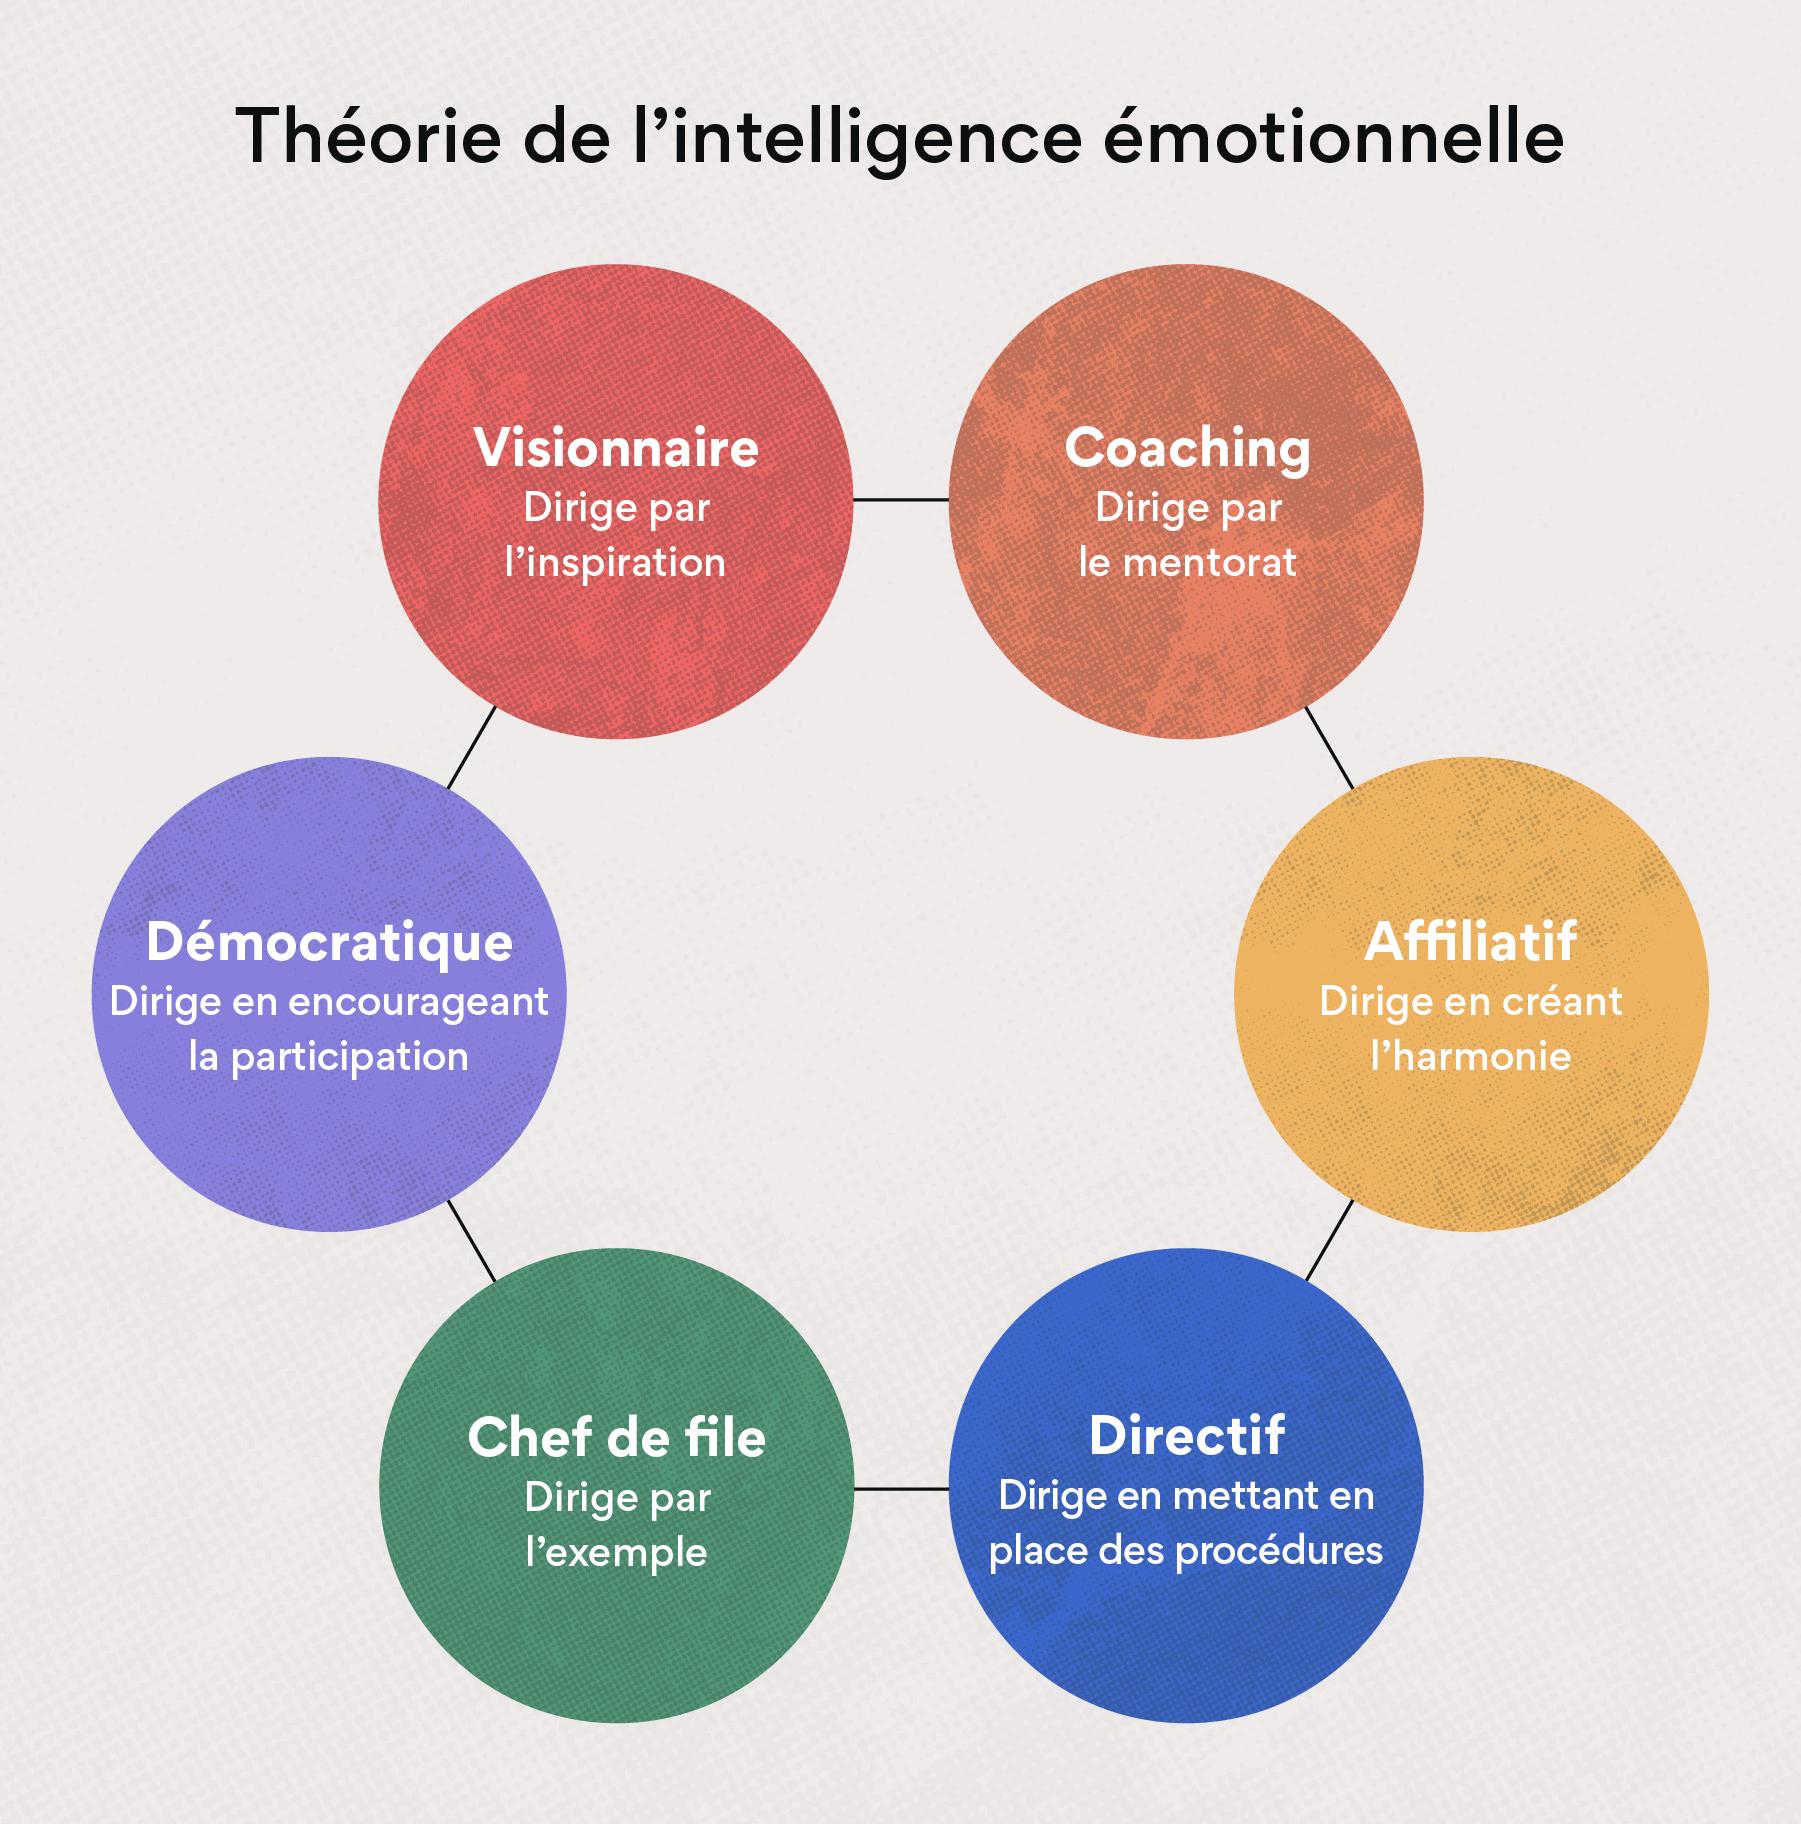 Théorie de l'intelligence émotionnelle